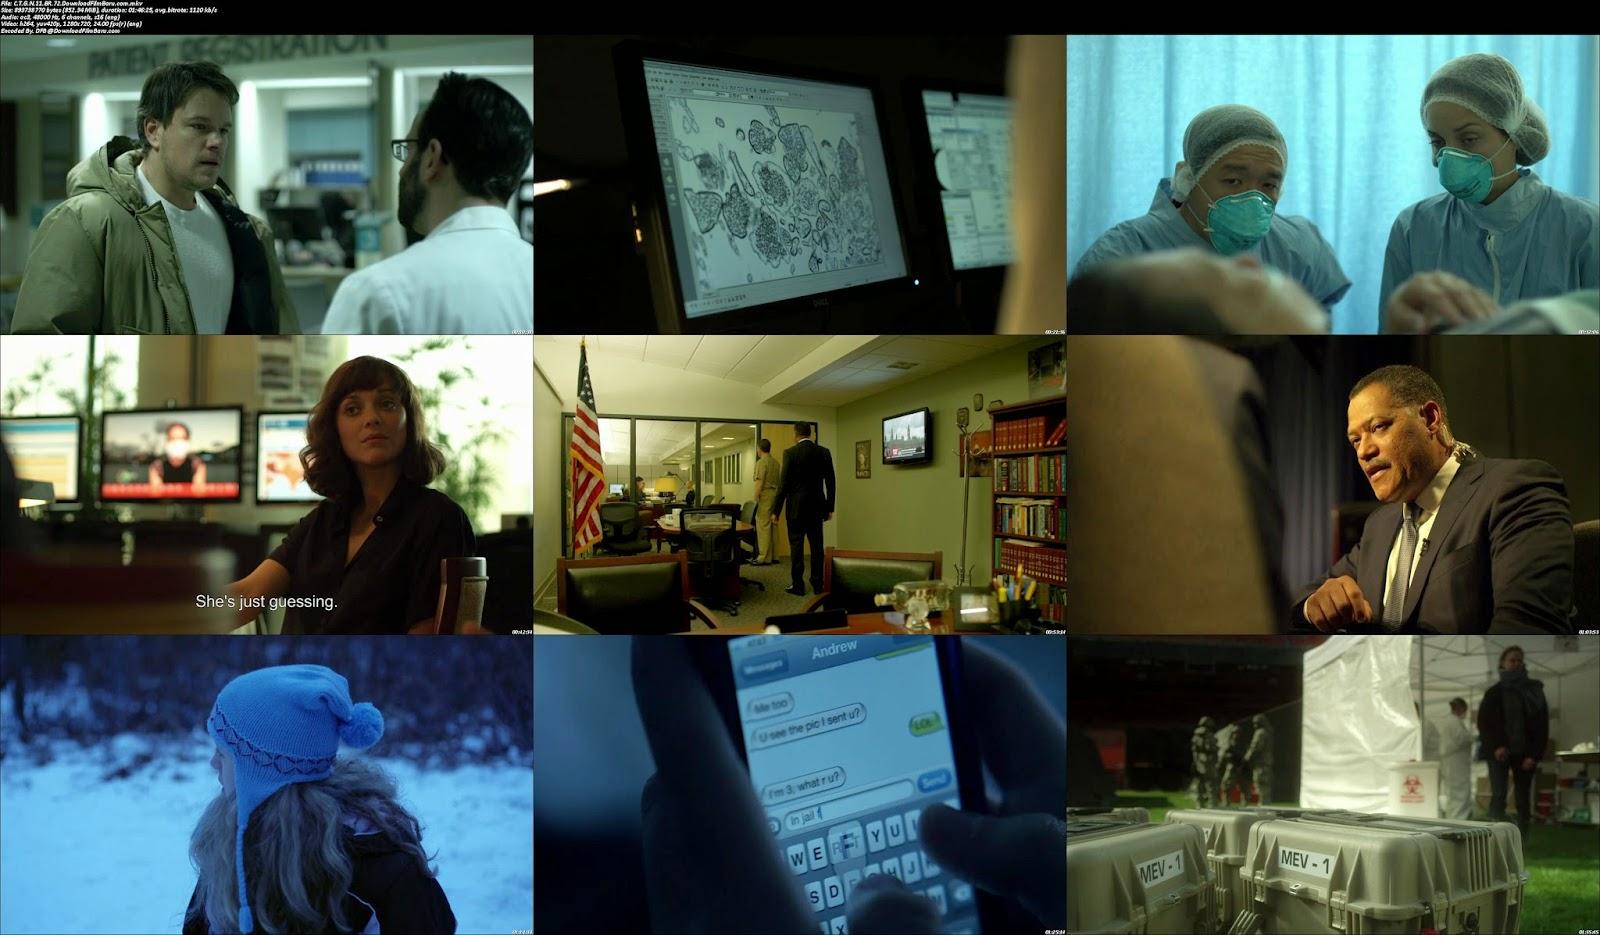 contagion 2011 bluray 720p 5 1ch sub indo download